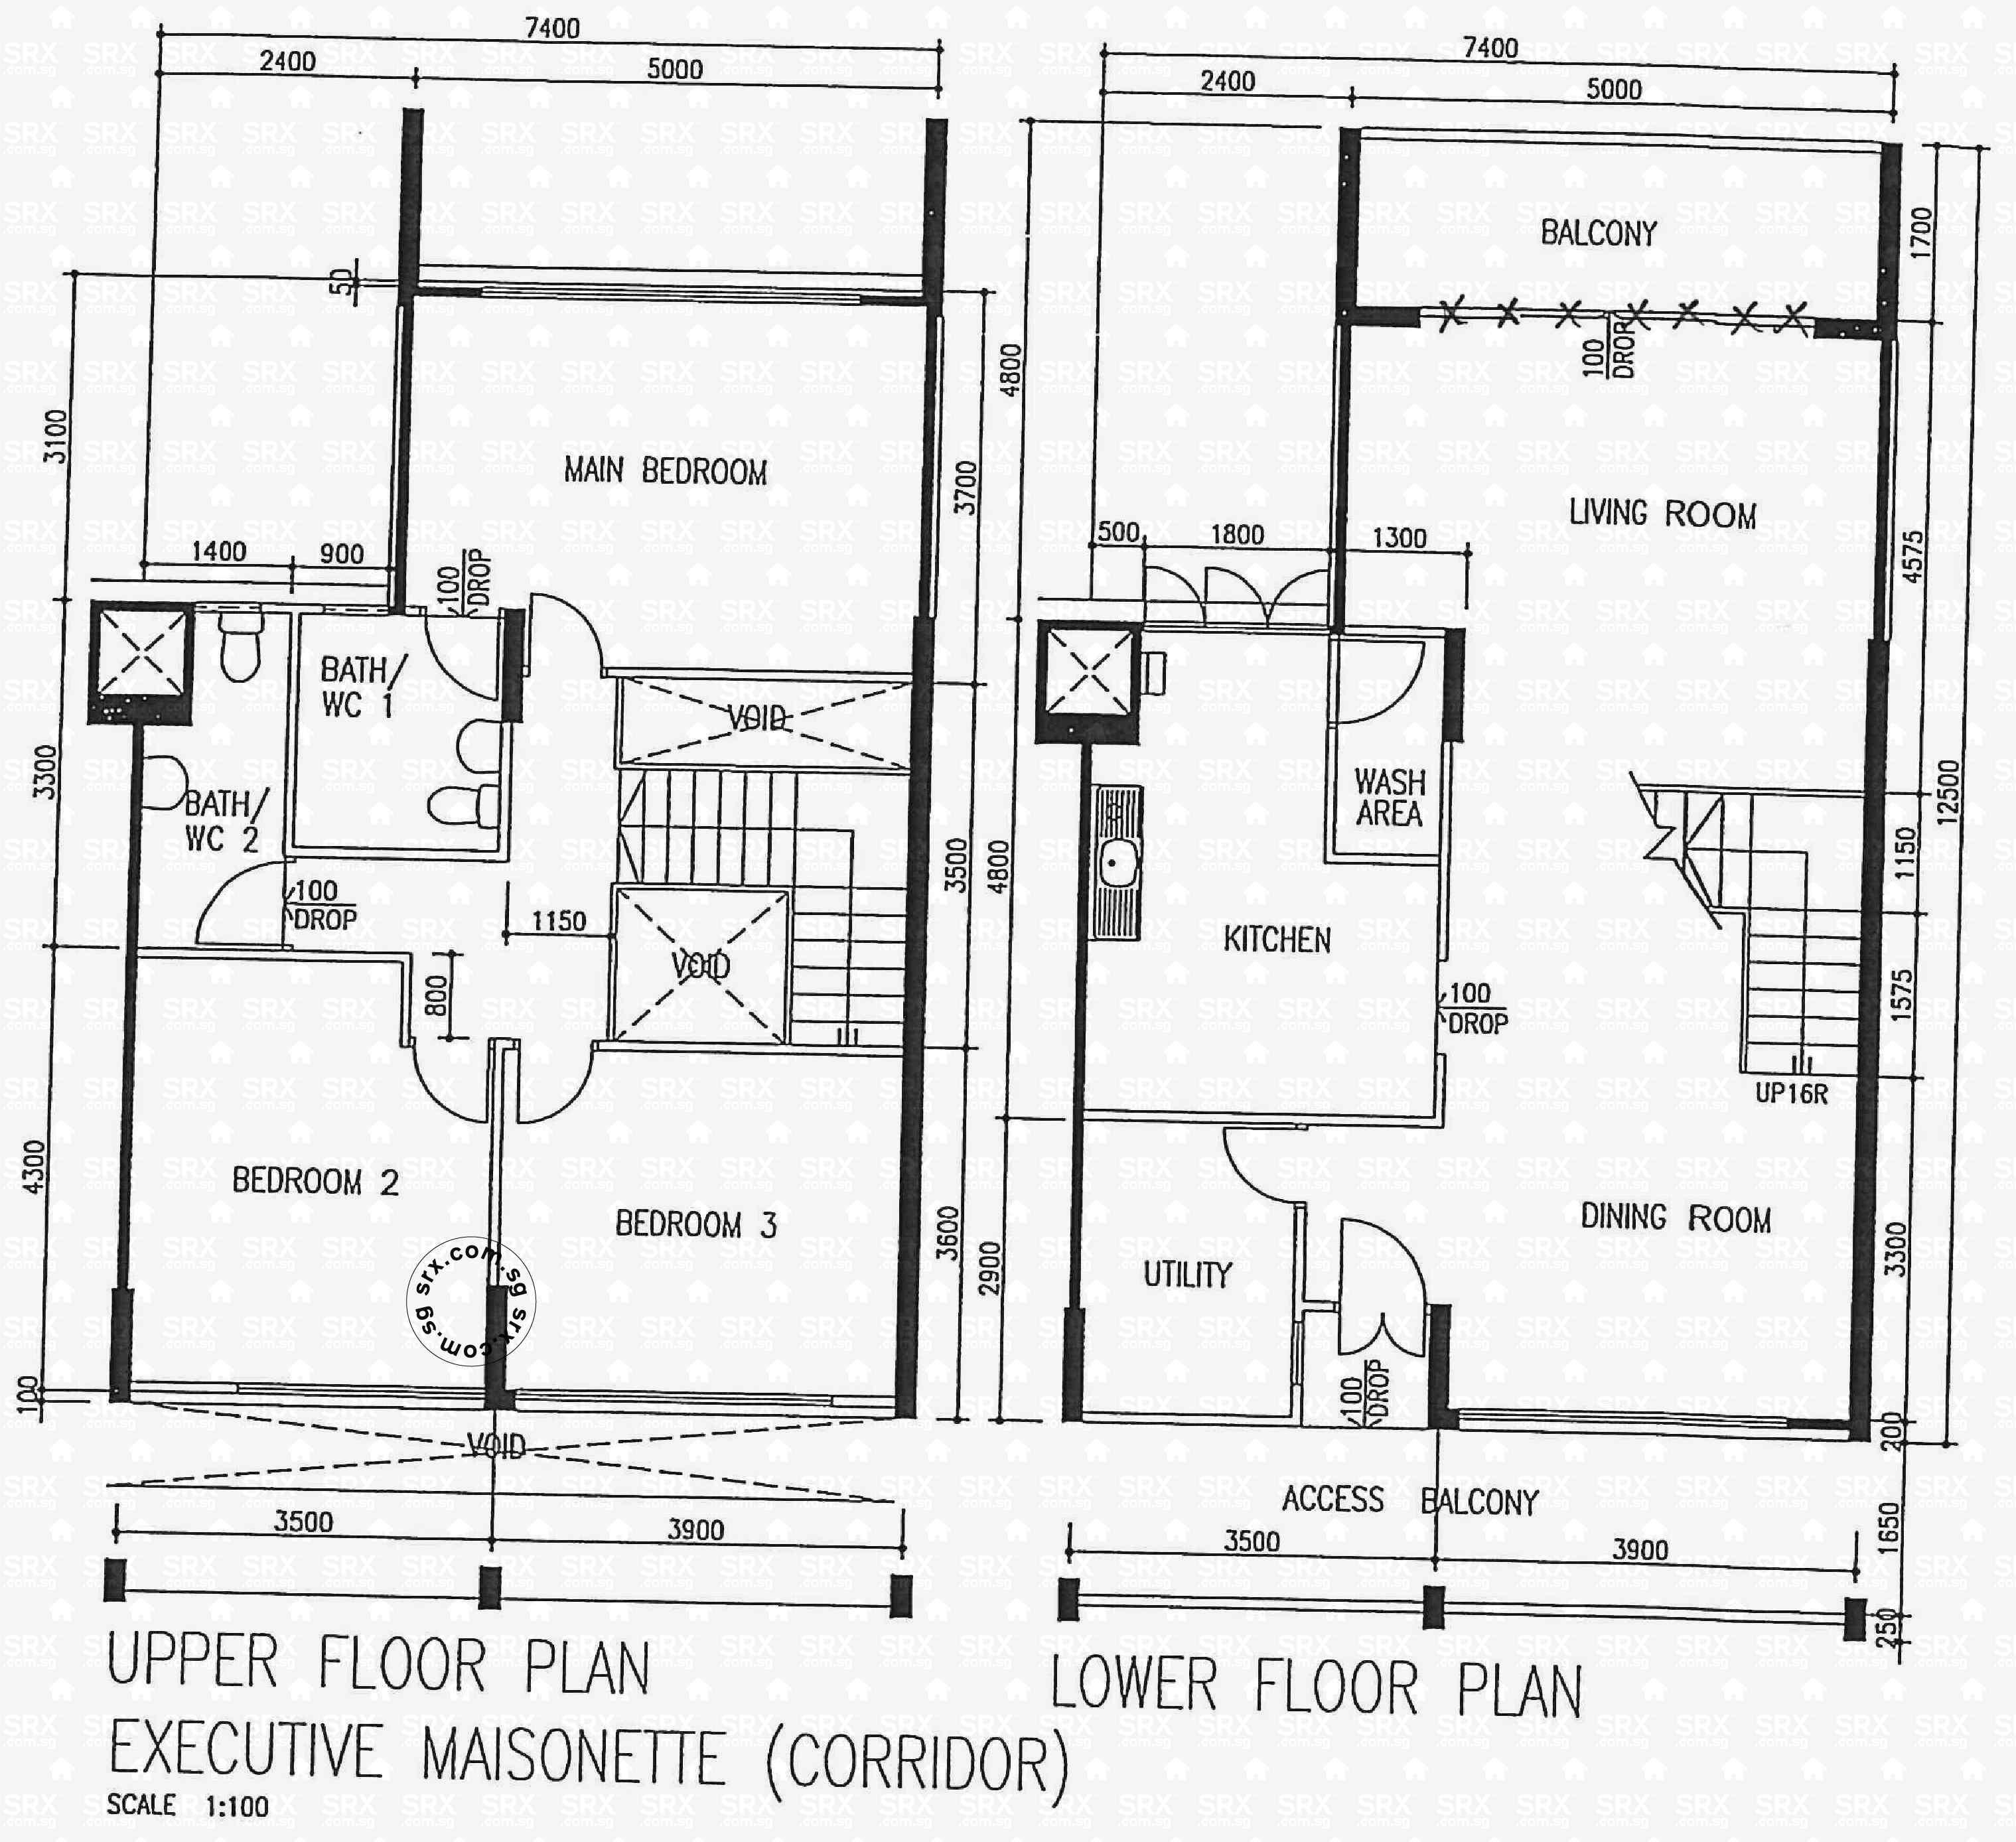 floor plans for clementi avenue  hdb details  srx property - blk   (actual)